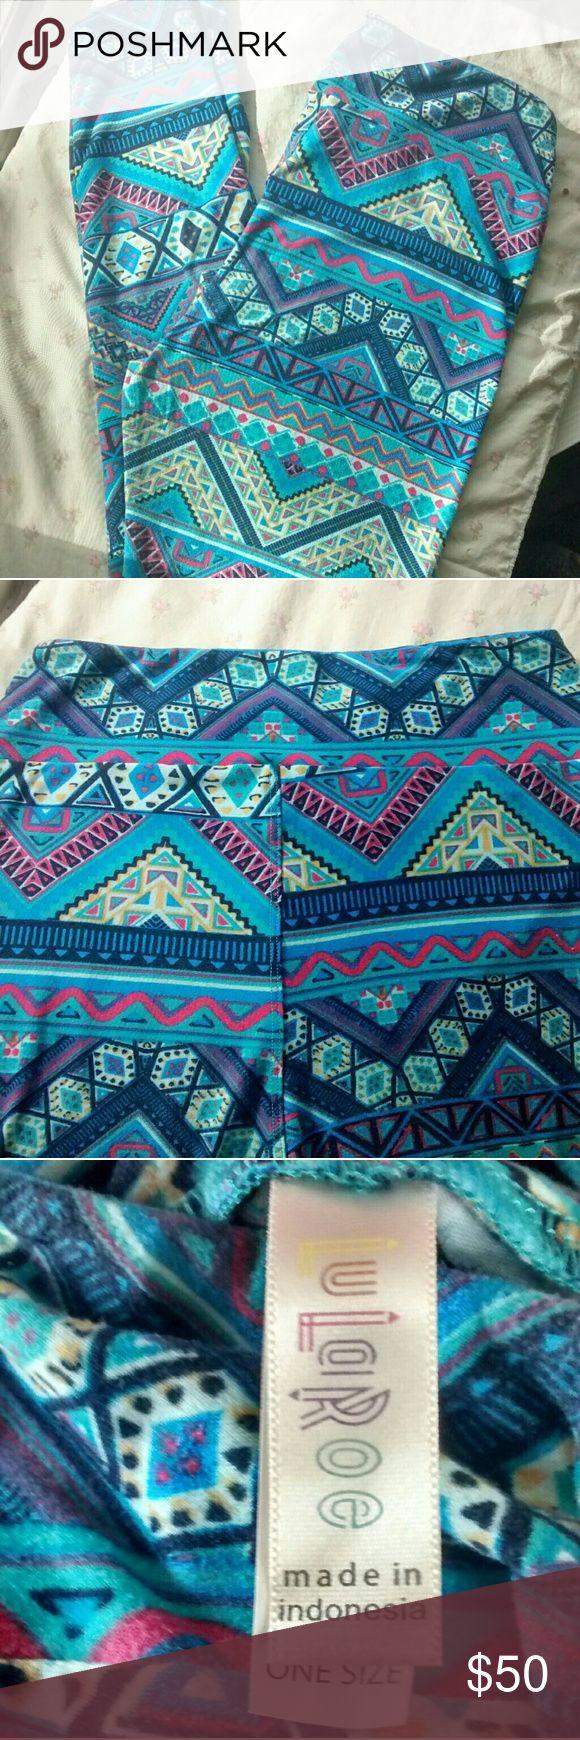 Lularoe Blue Aztec Print Leggings Beautiful blue Aztec print leggings by Lularoe. One size. Made in Indonesia. Super soft. No flaws whatsoever. LuLaRoe Pants Leggings